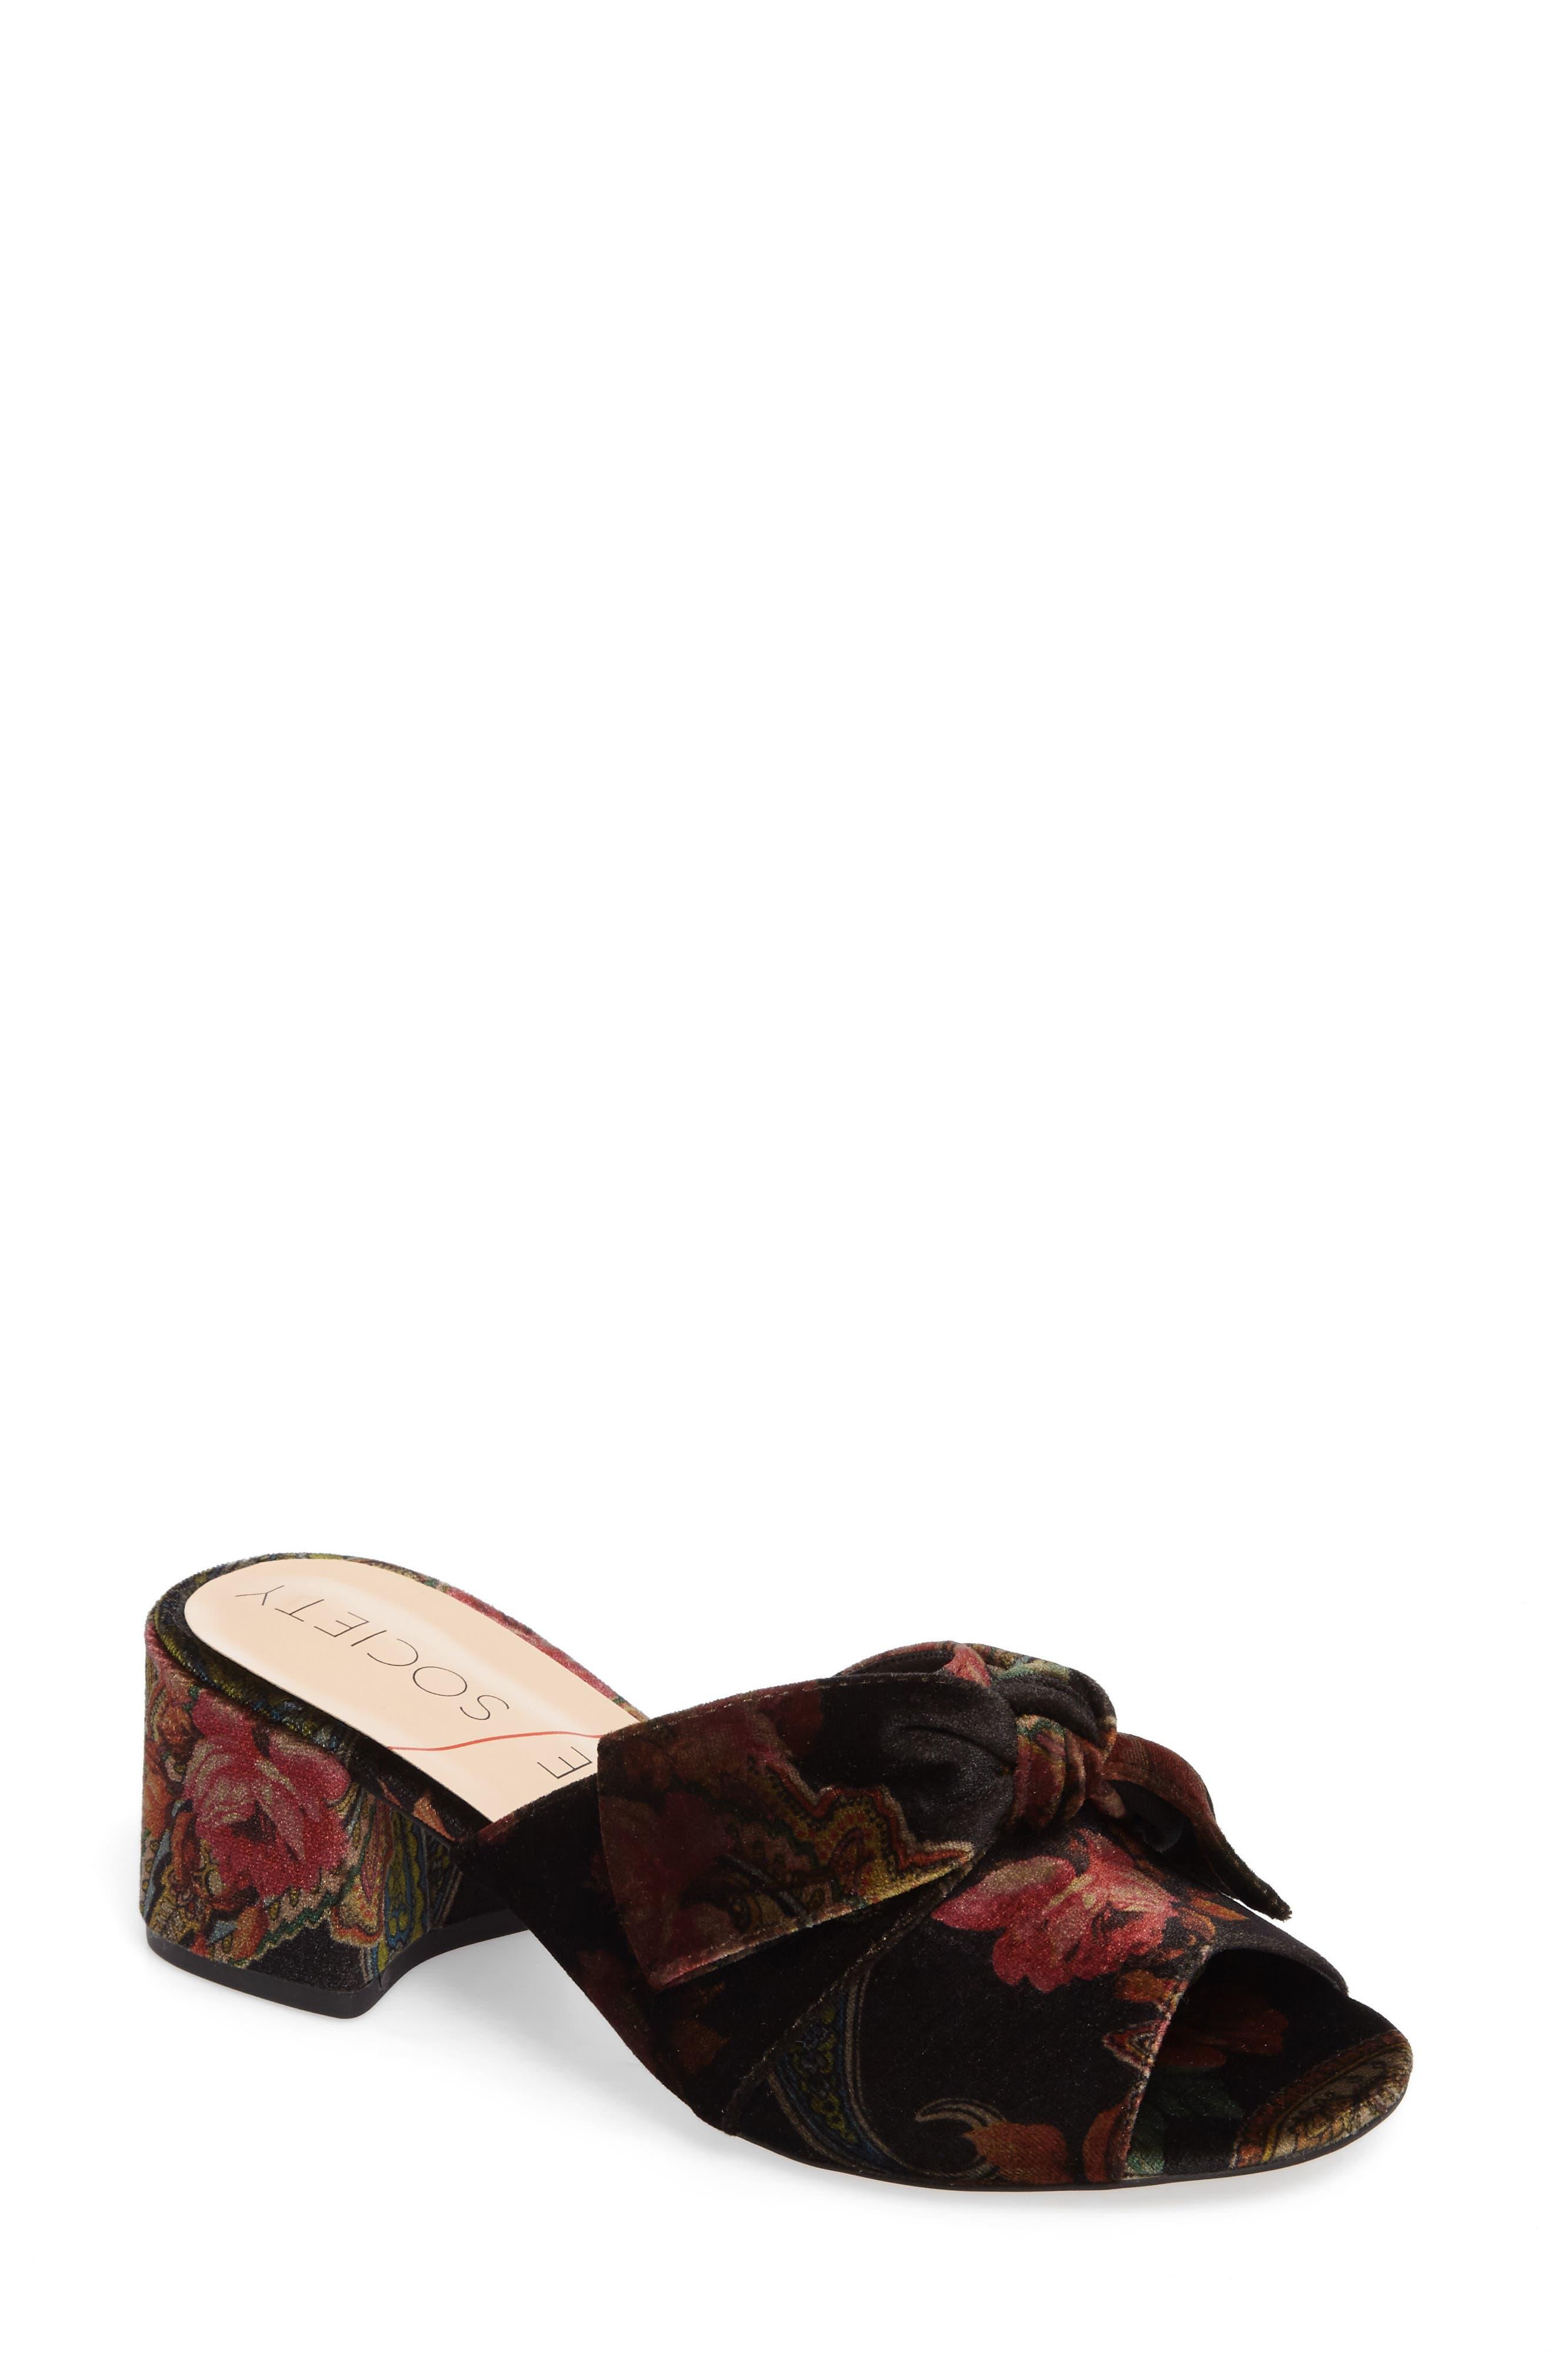 Cece Mule Sandal,                         Main,                         color,